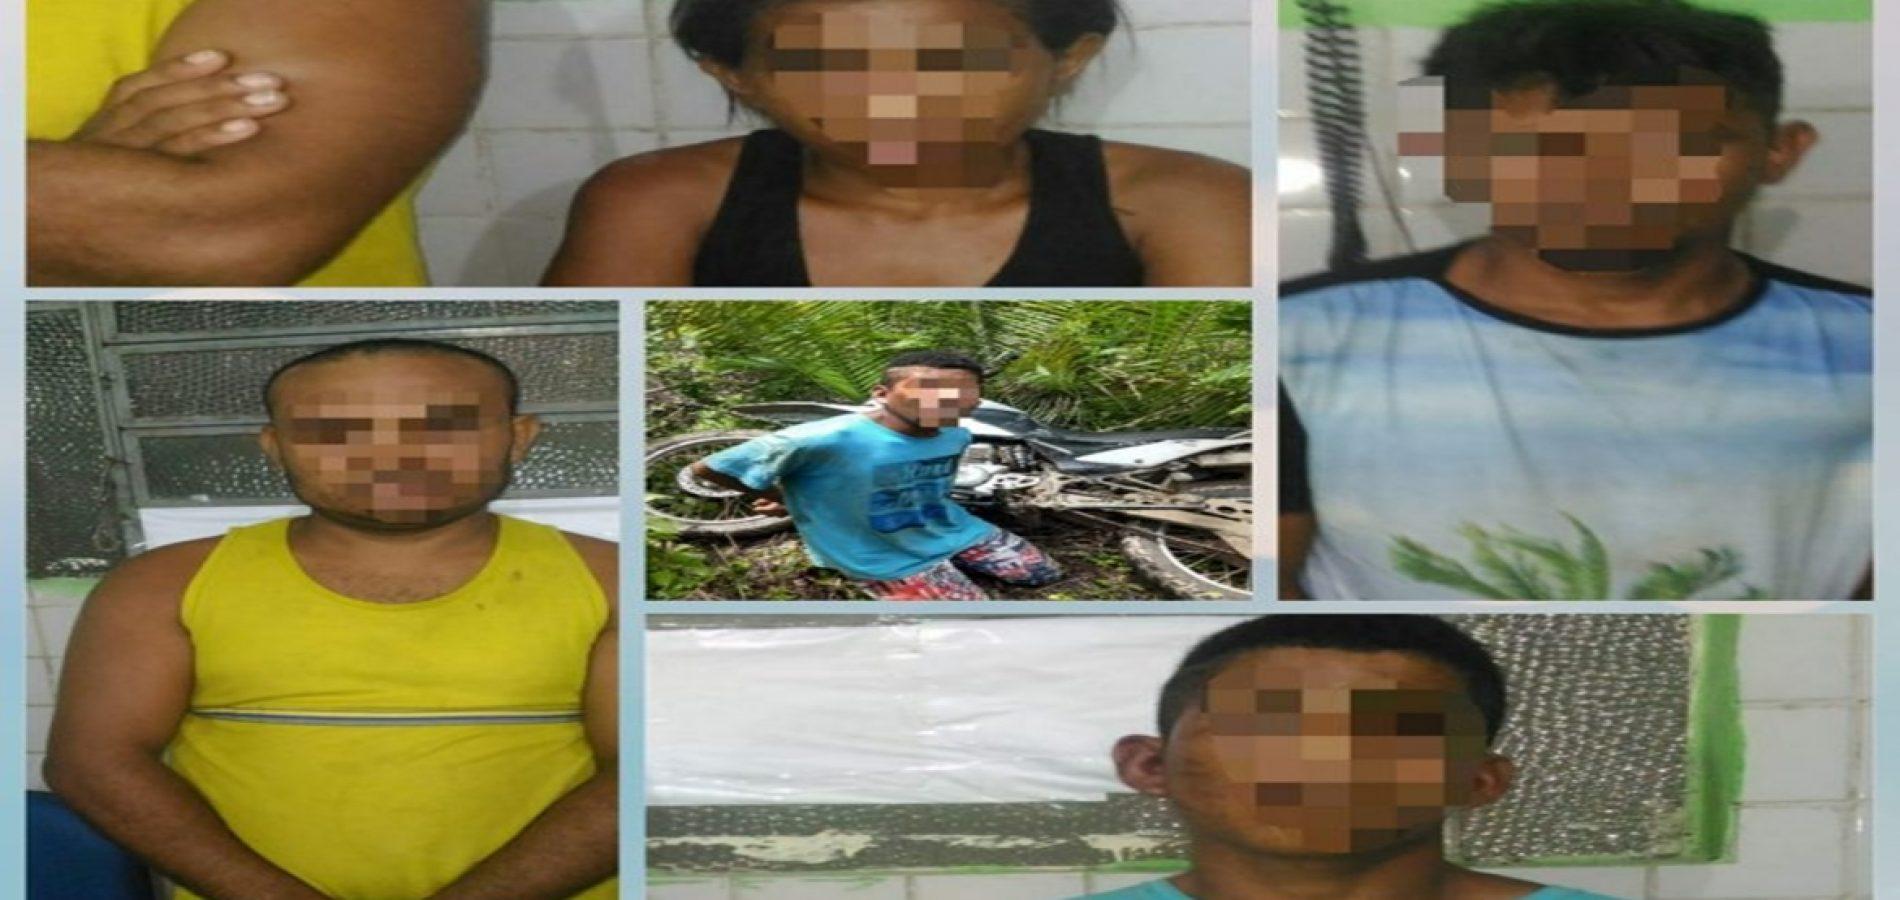 Operação policial prende 5 acusados por roubos no Piauí